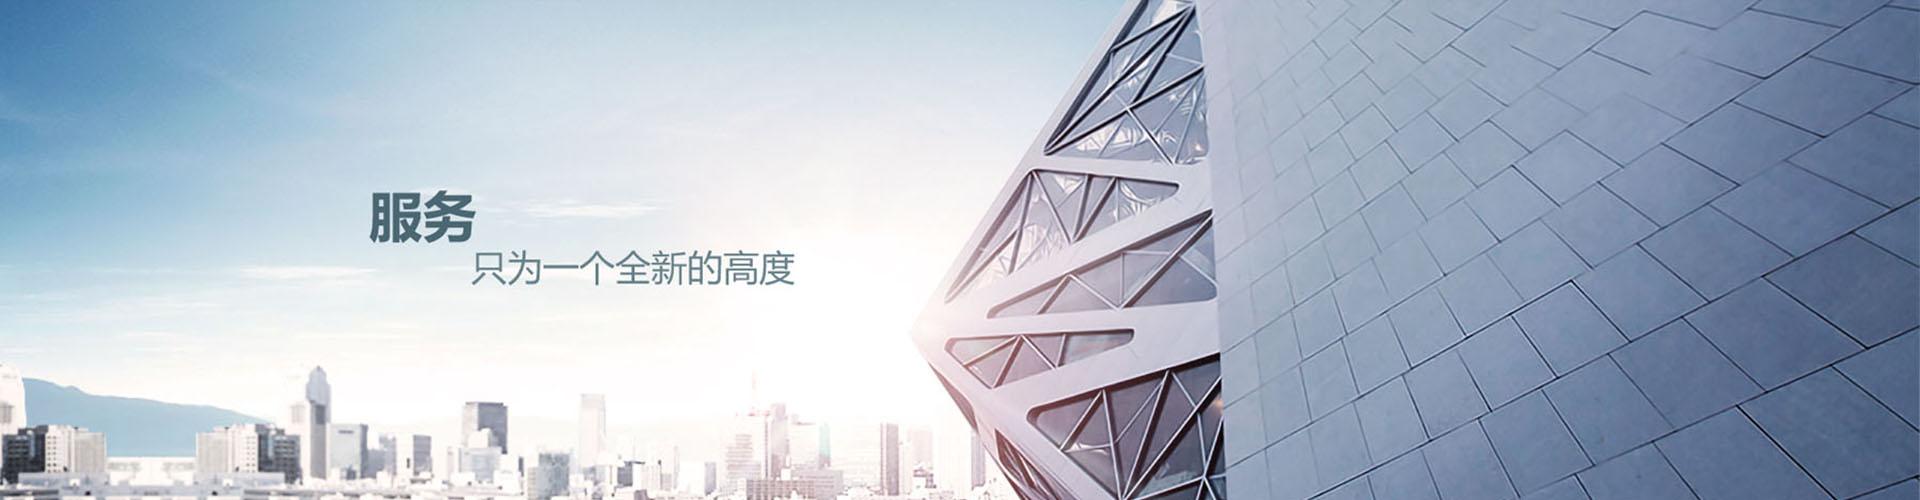 上海不锈钢风管加工